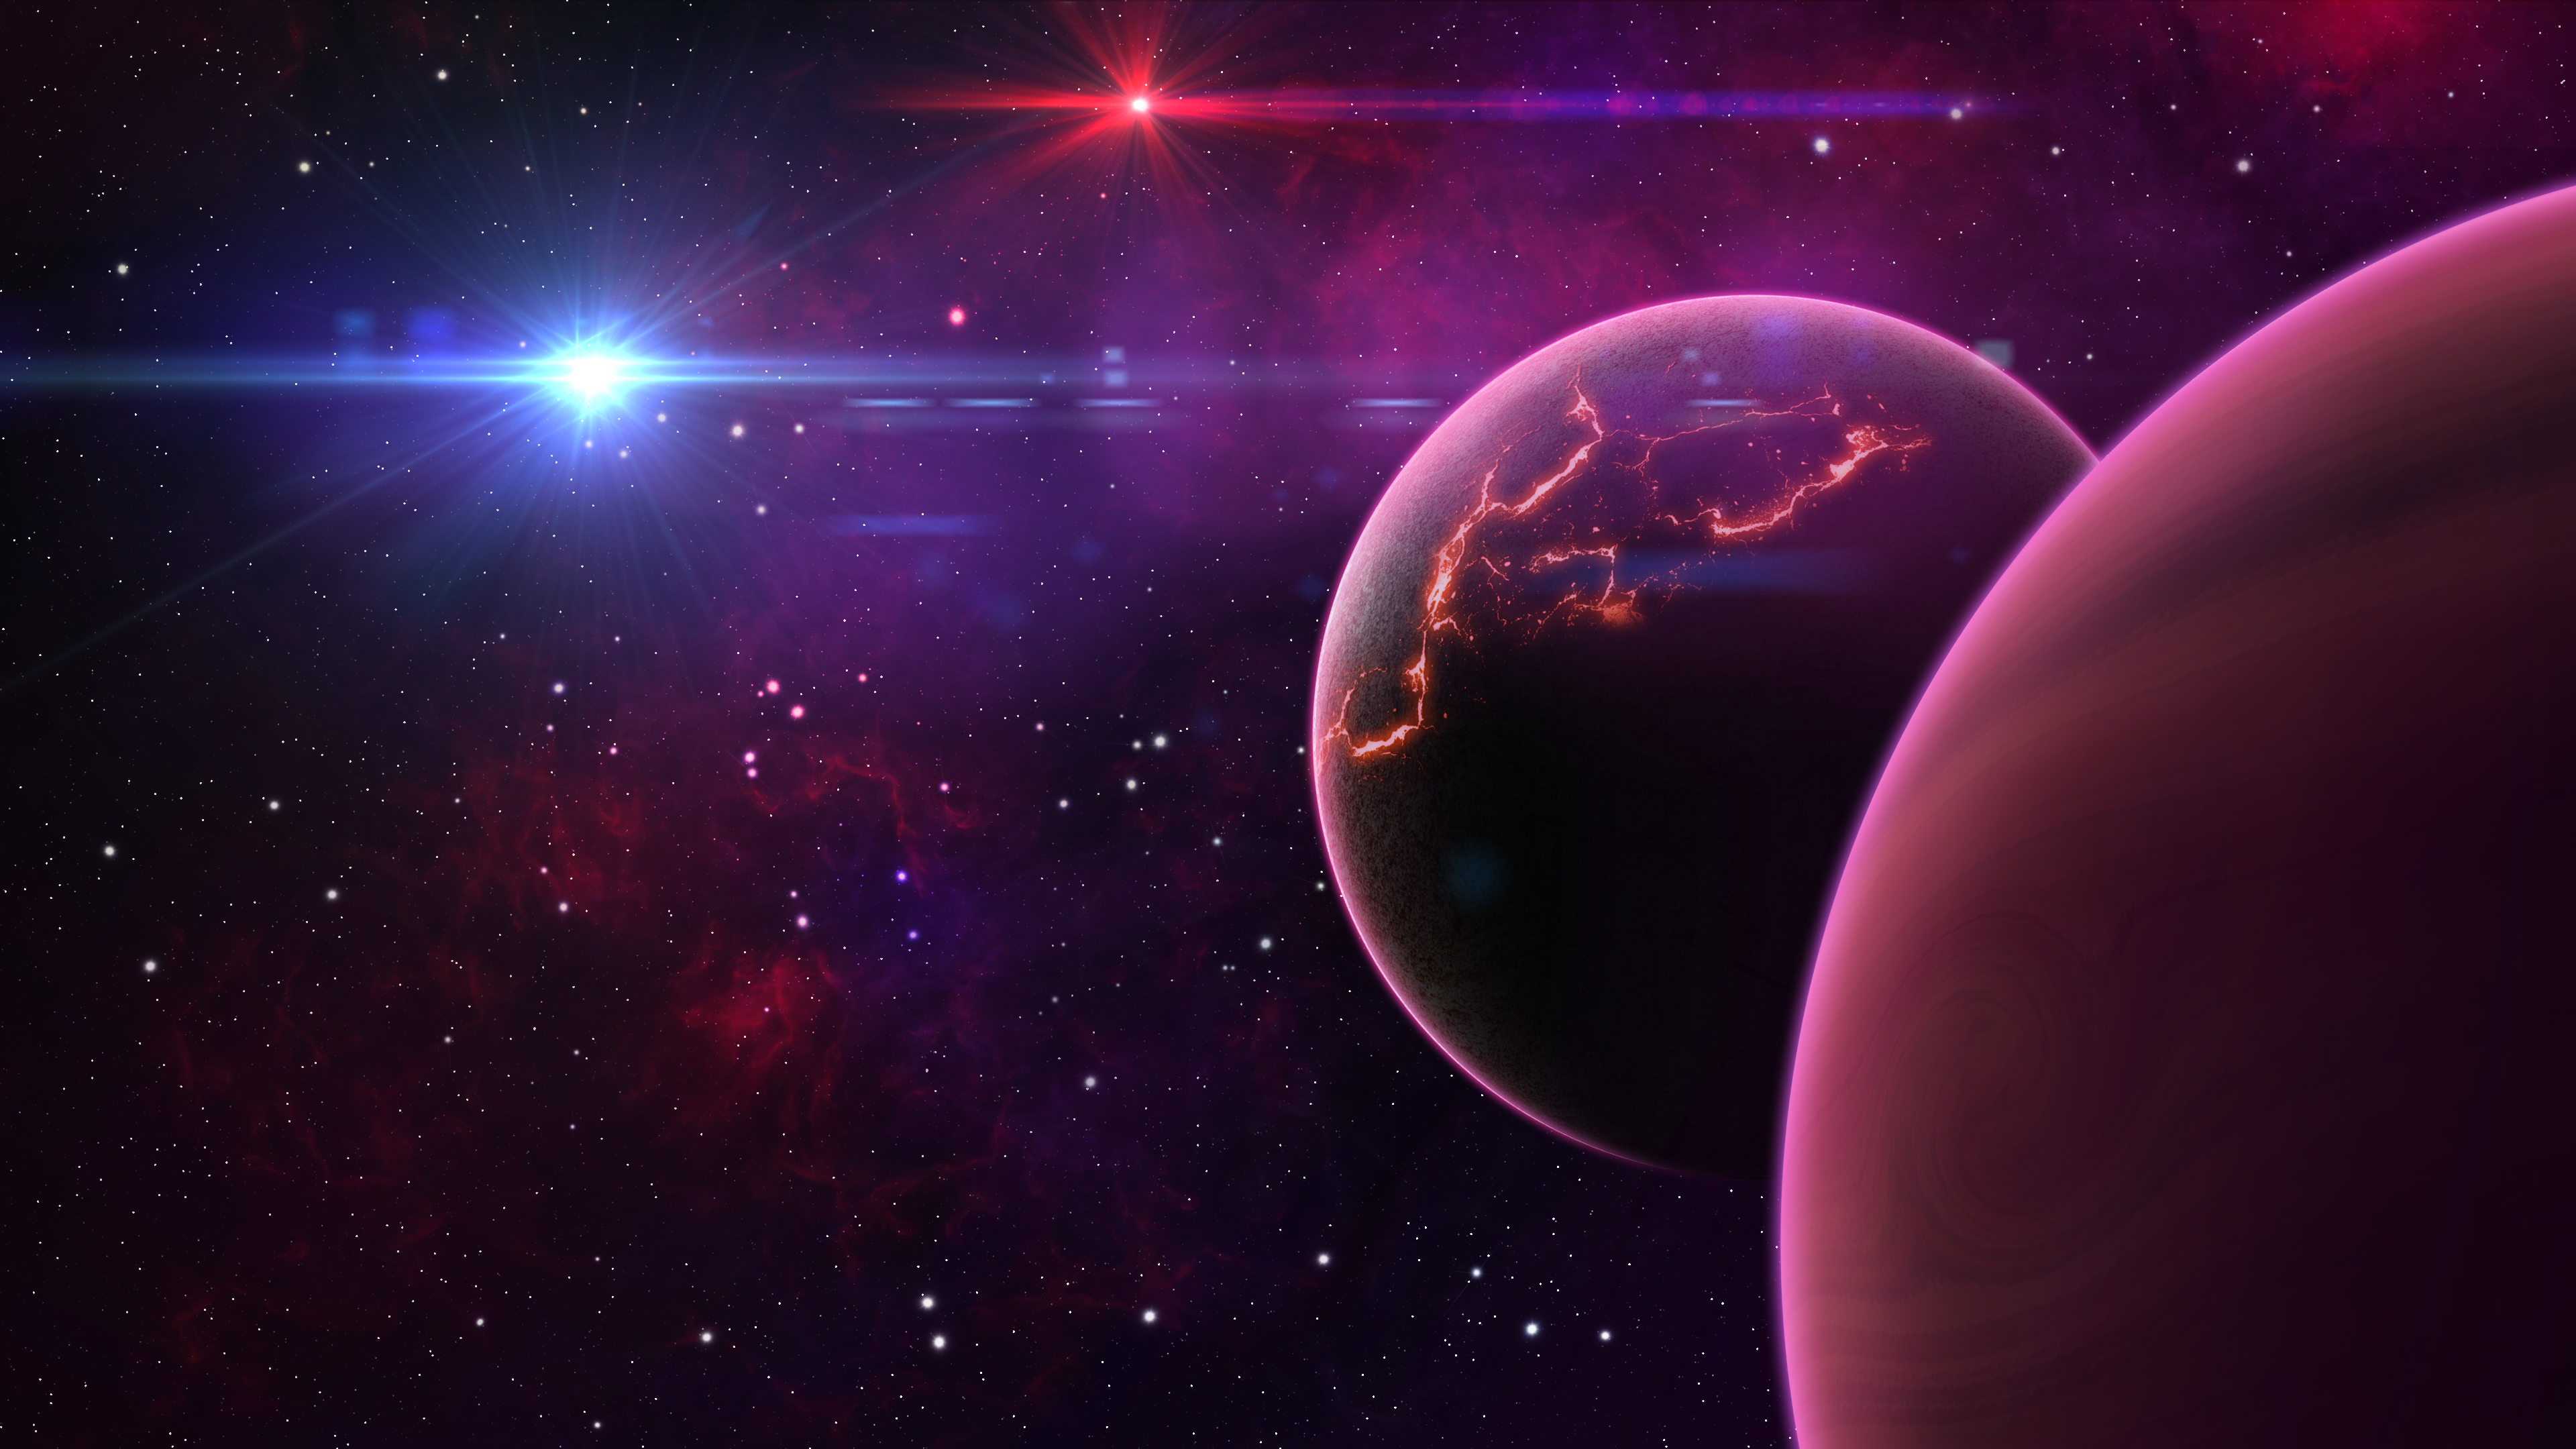 Wallpapers del universo[4k] - Taringa!